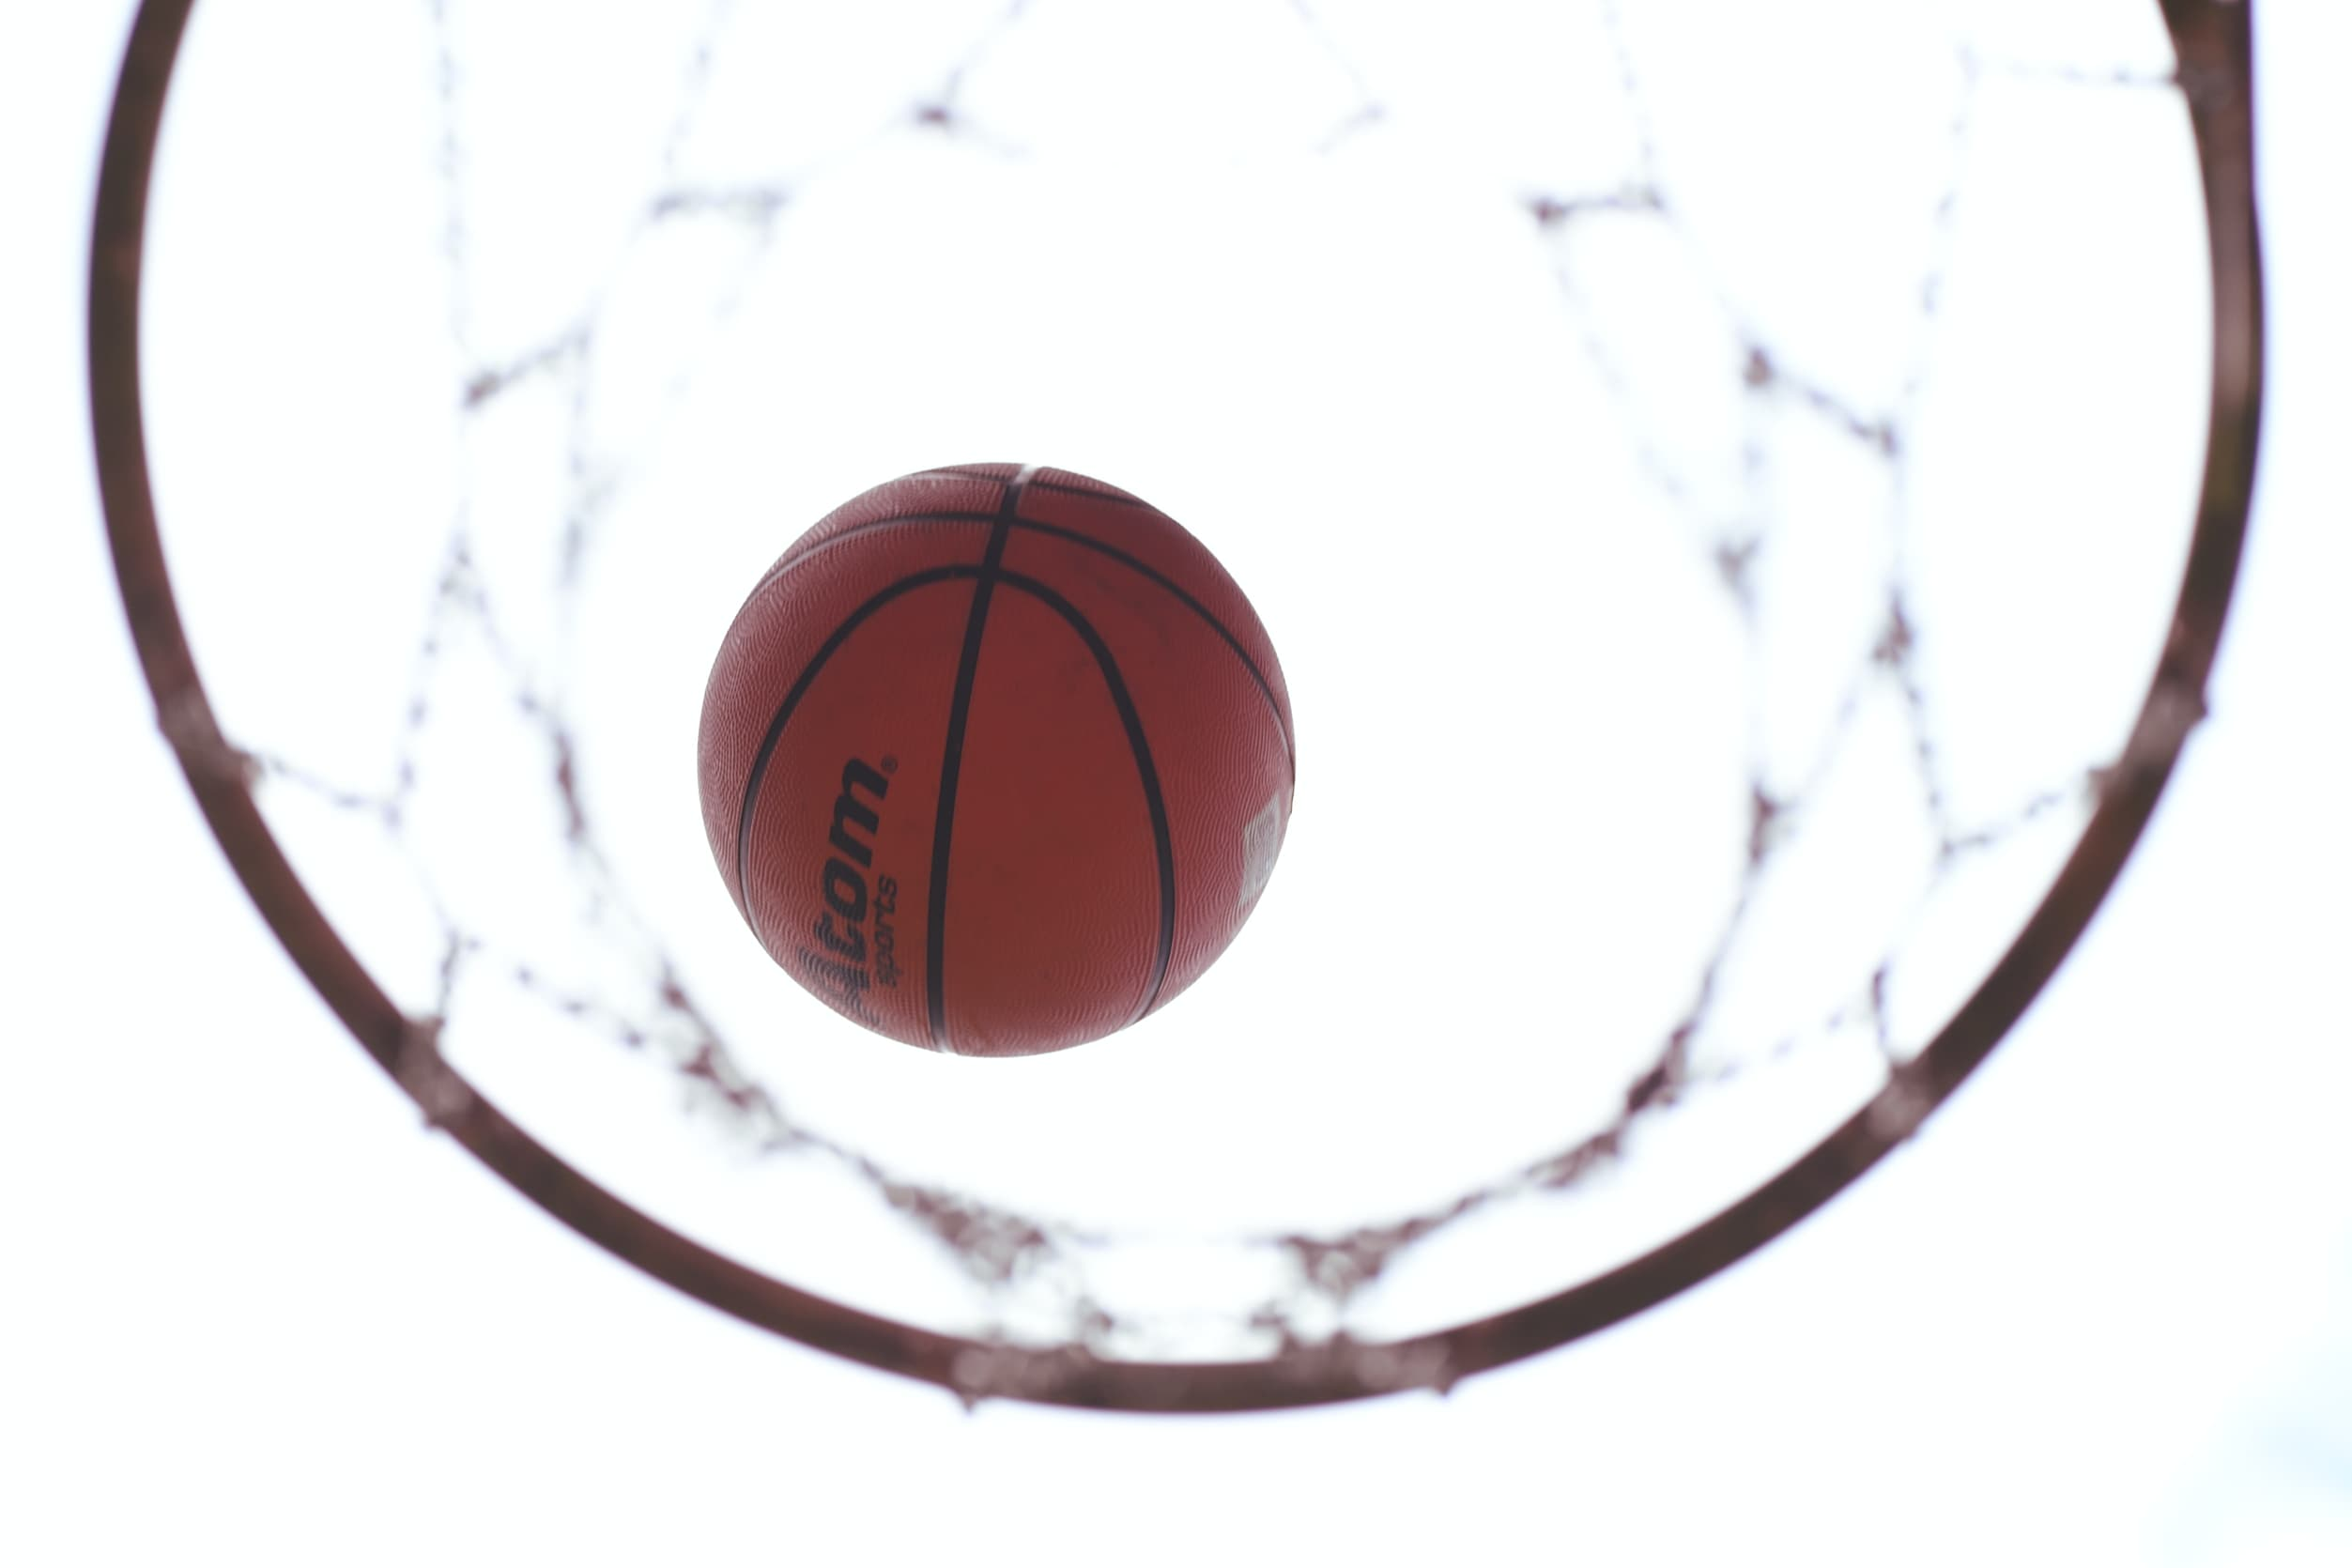 Istoriya basketbolnogo myacha